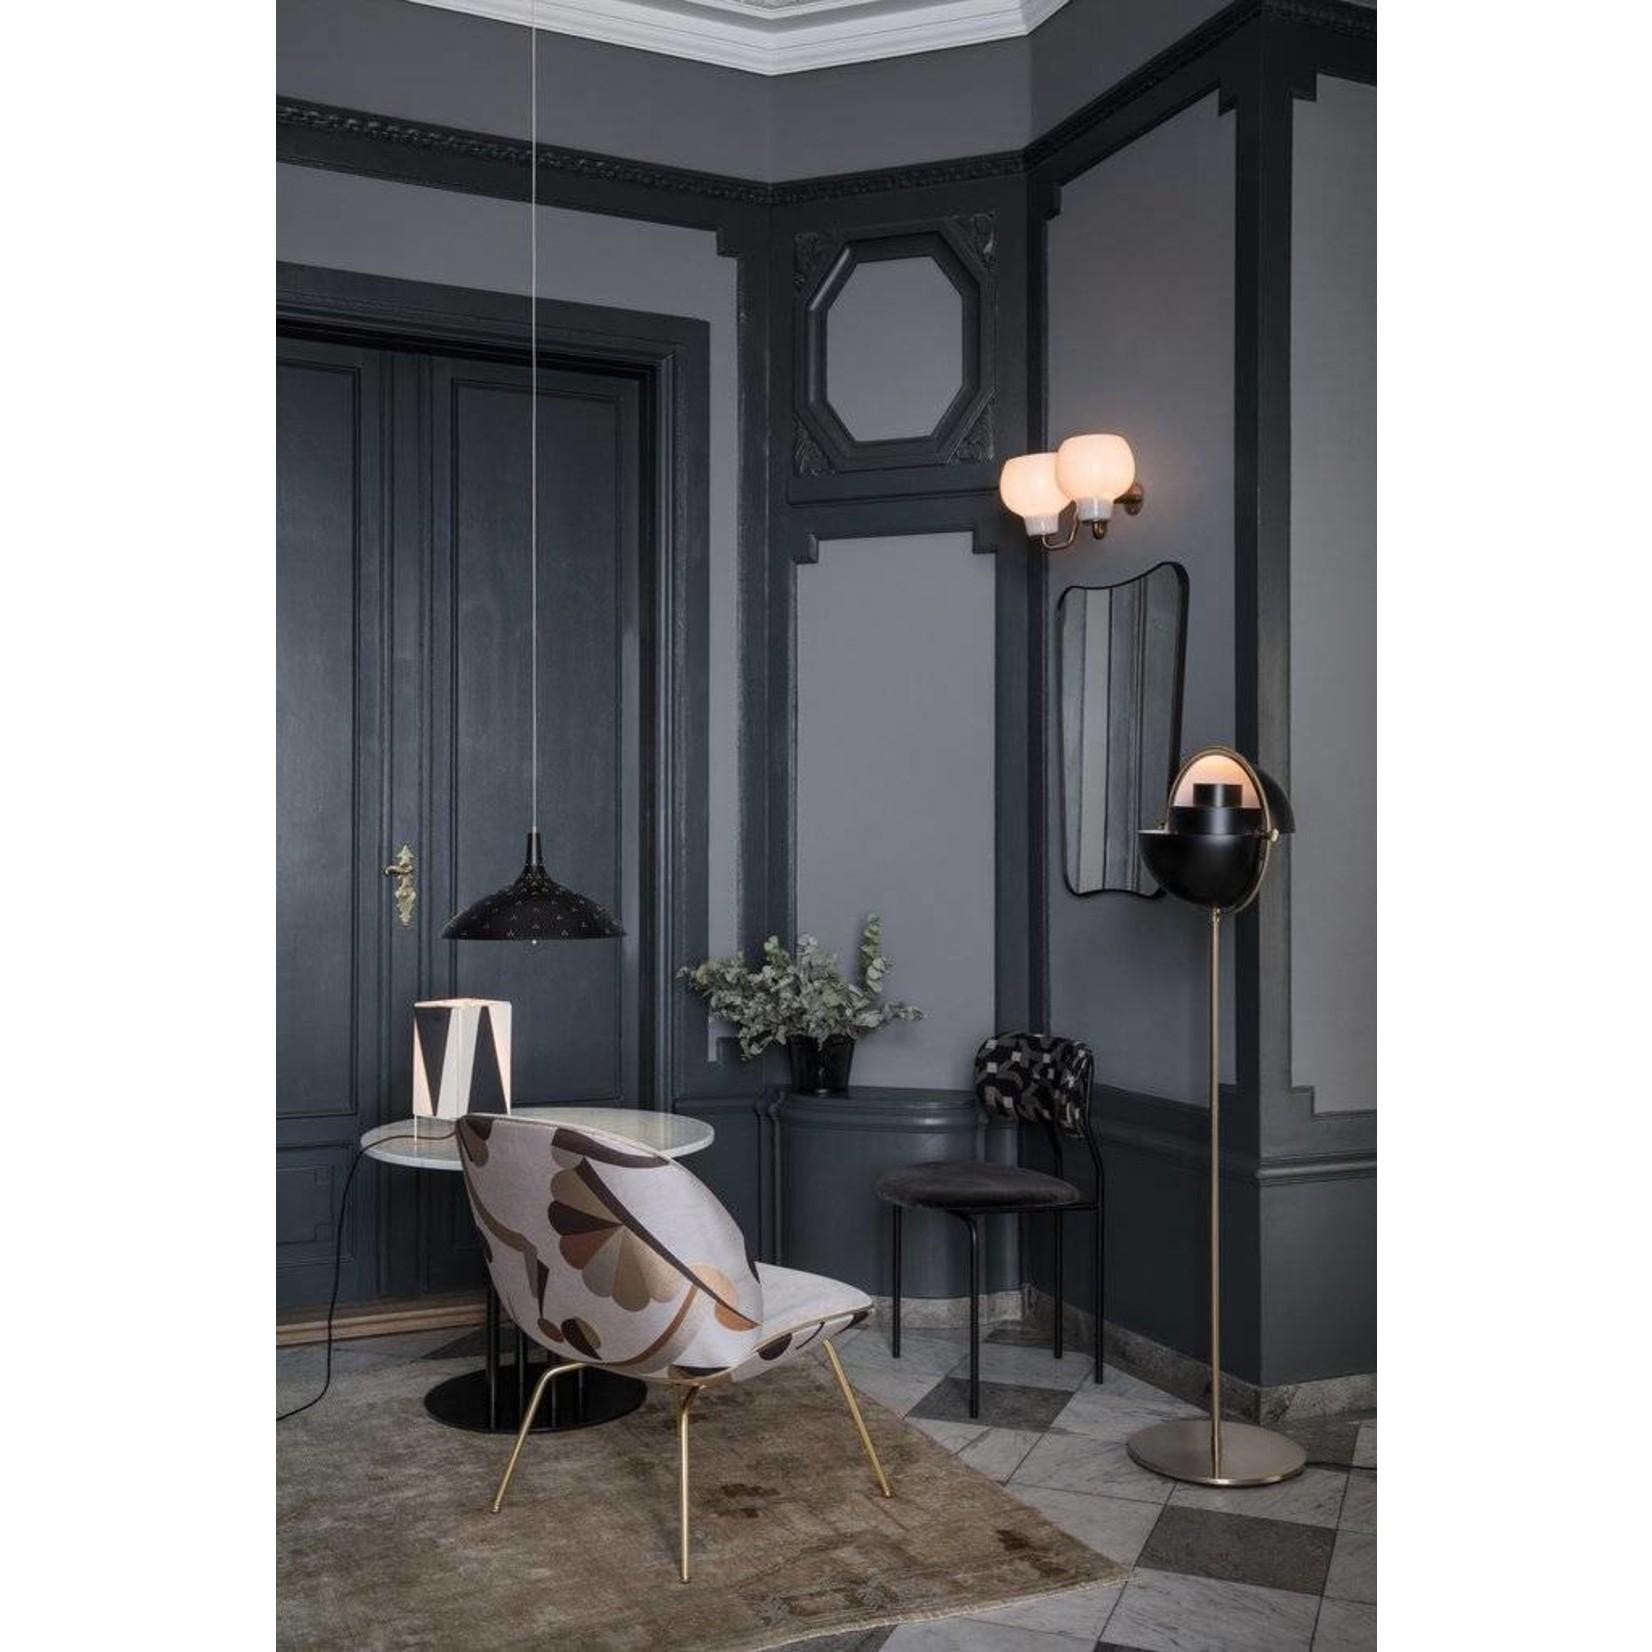 Gubi Wandspiegel F.A. 33 - 54x80 - Black Brass